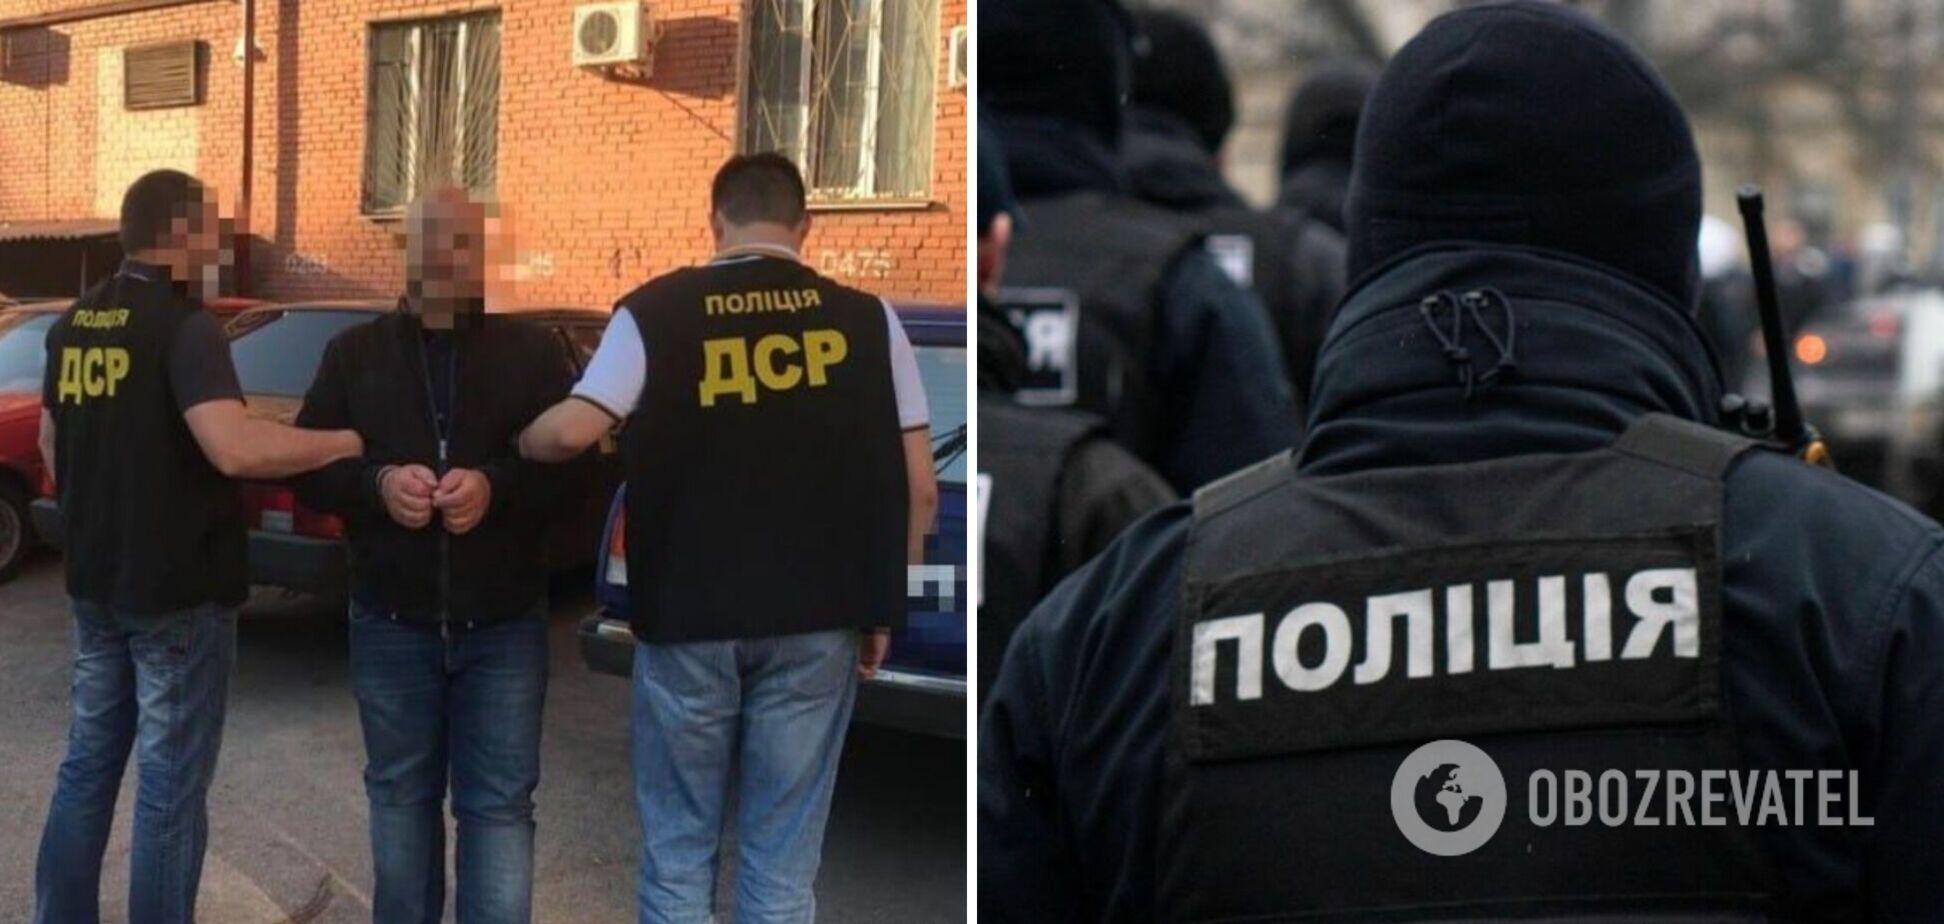 В Запорожье арестовали 'вора в законе' по прозвищу 'Принц'. Фото